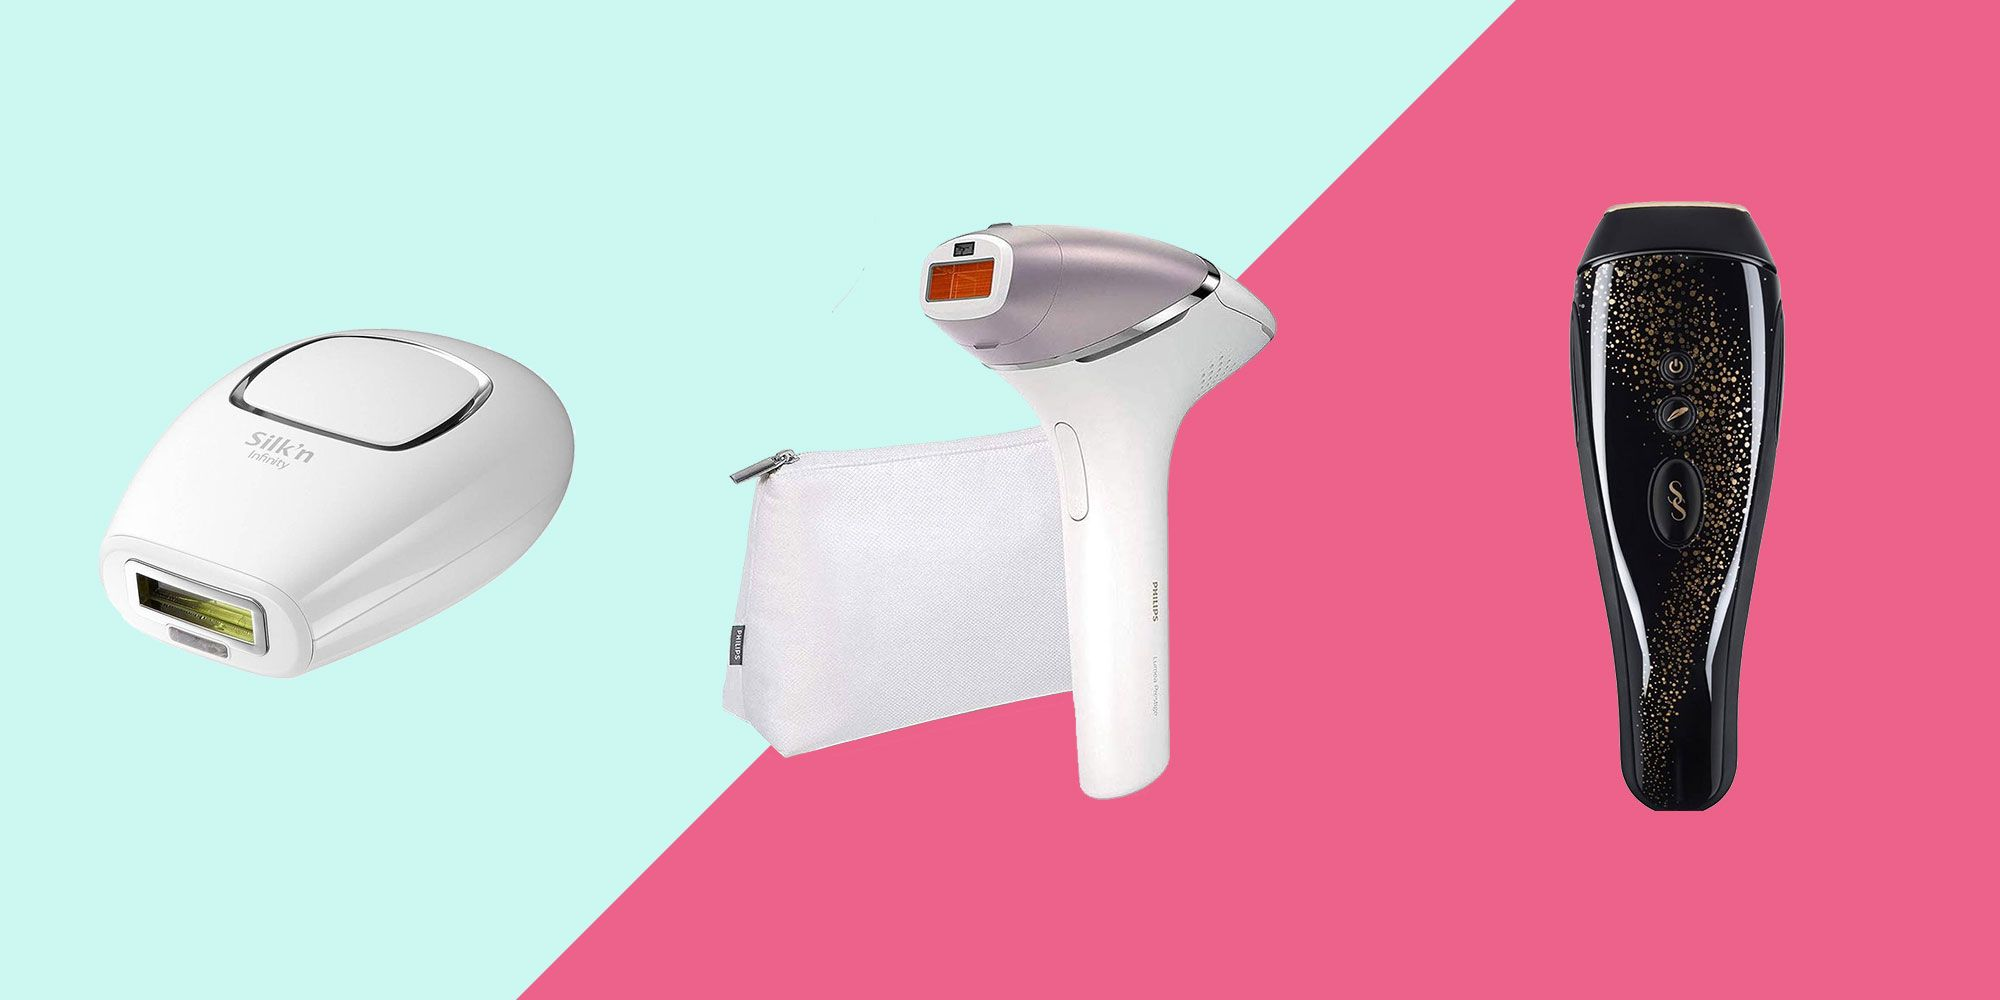 ماهو افضل جهاز ليزر لازالة الشعر منزلي الاستخدام؟